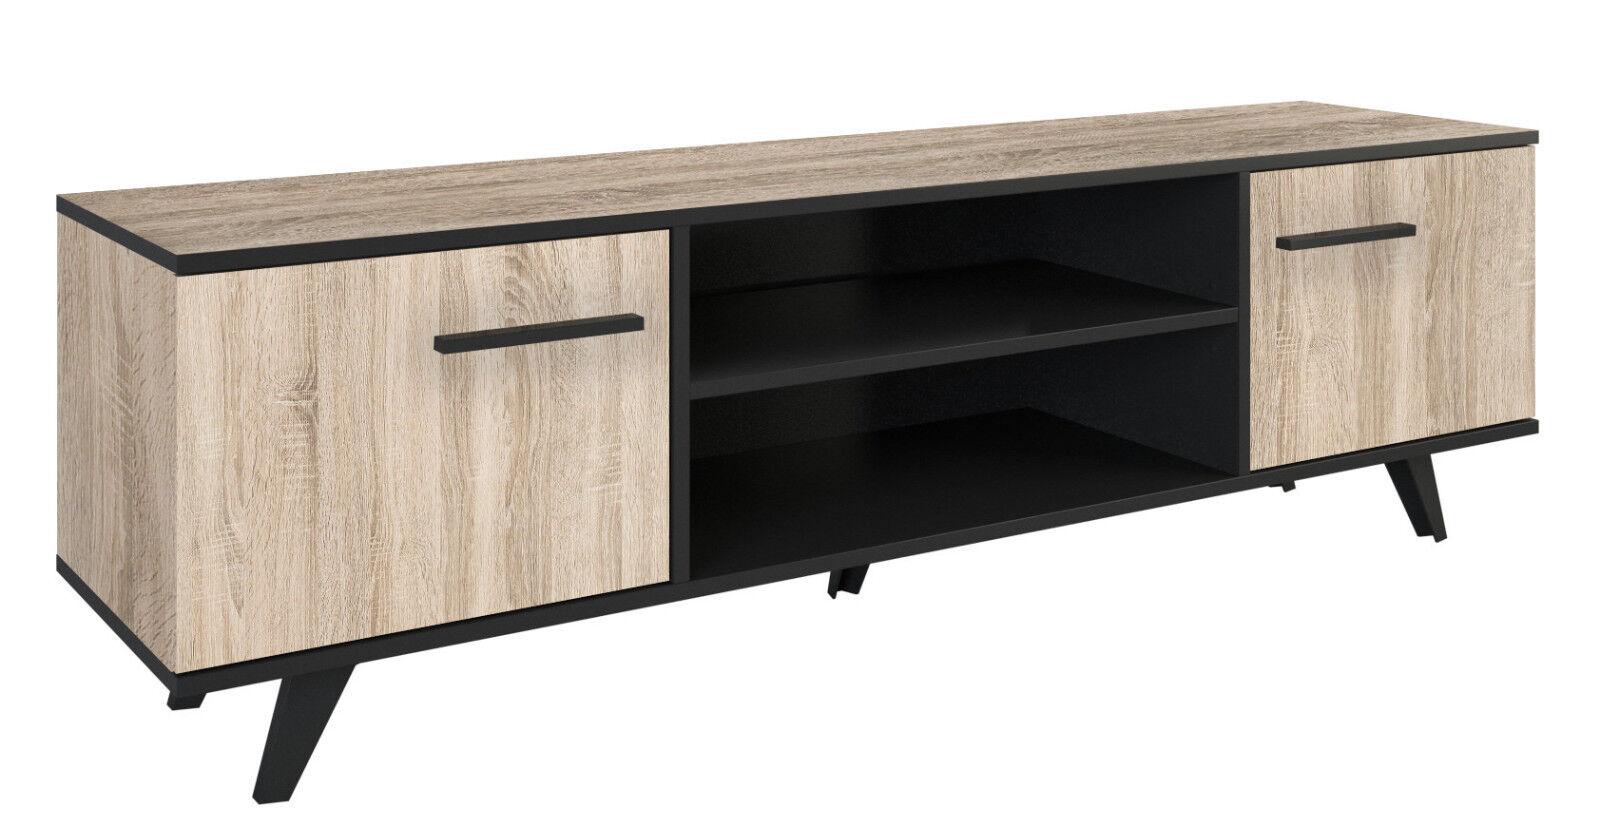 Mesa TV comedor salon color roble y negro 2 espacios 2 puertas...